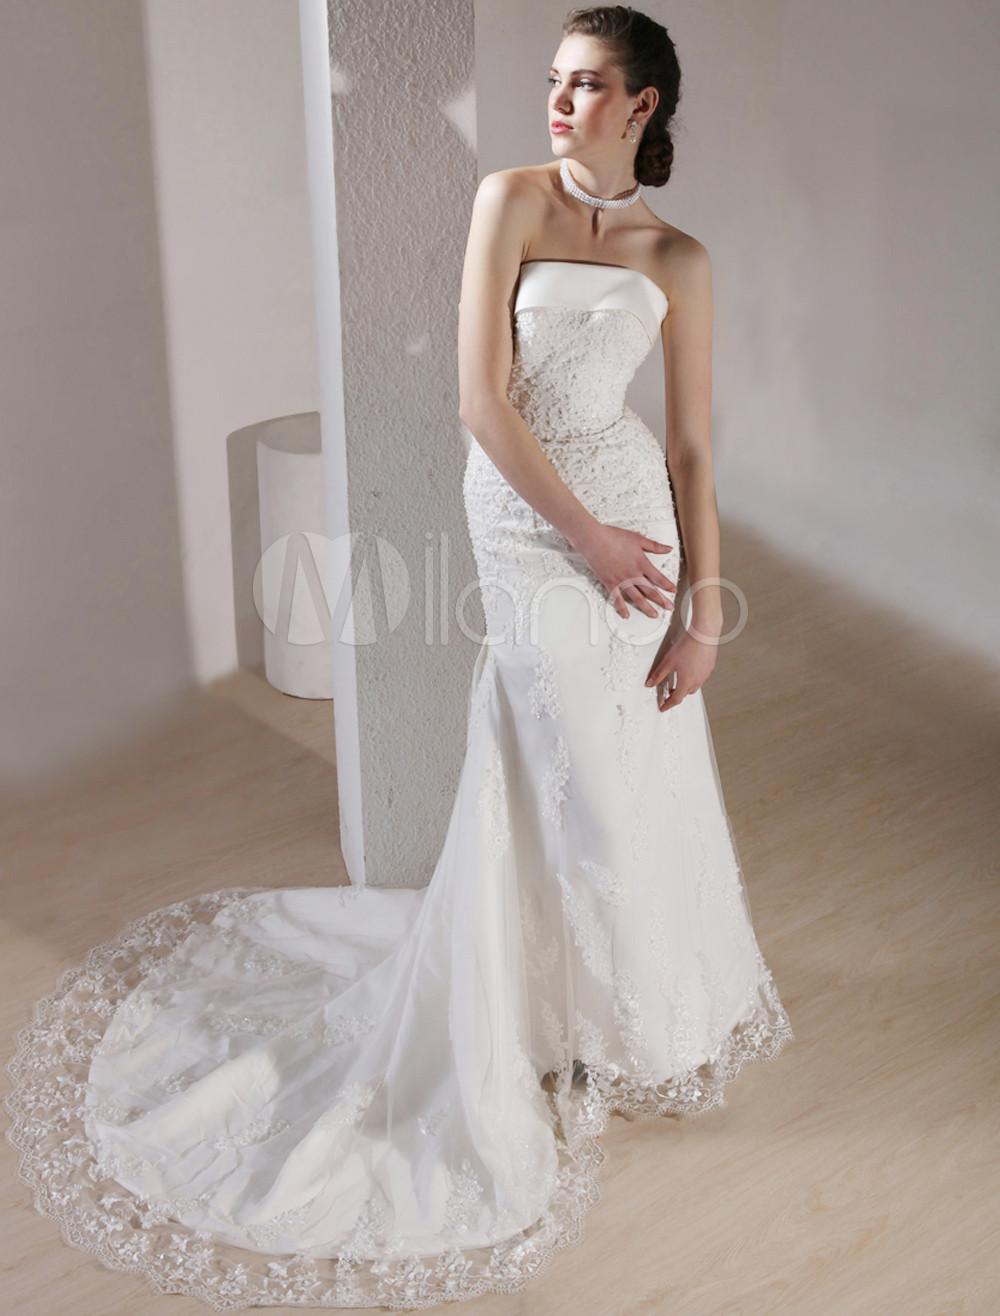 Wonderful White Gauze Lace Strapless Floor Length Luxury Wedding Dress